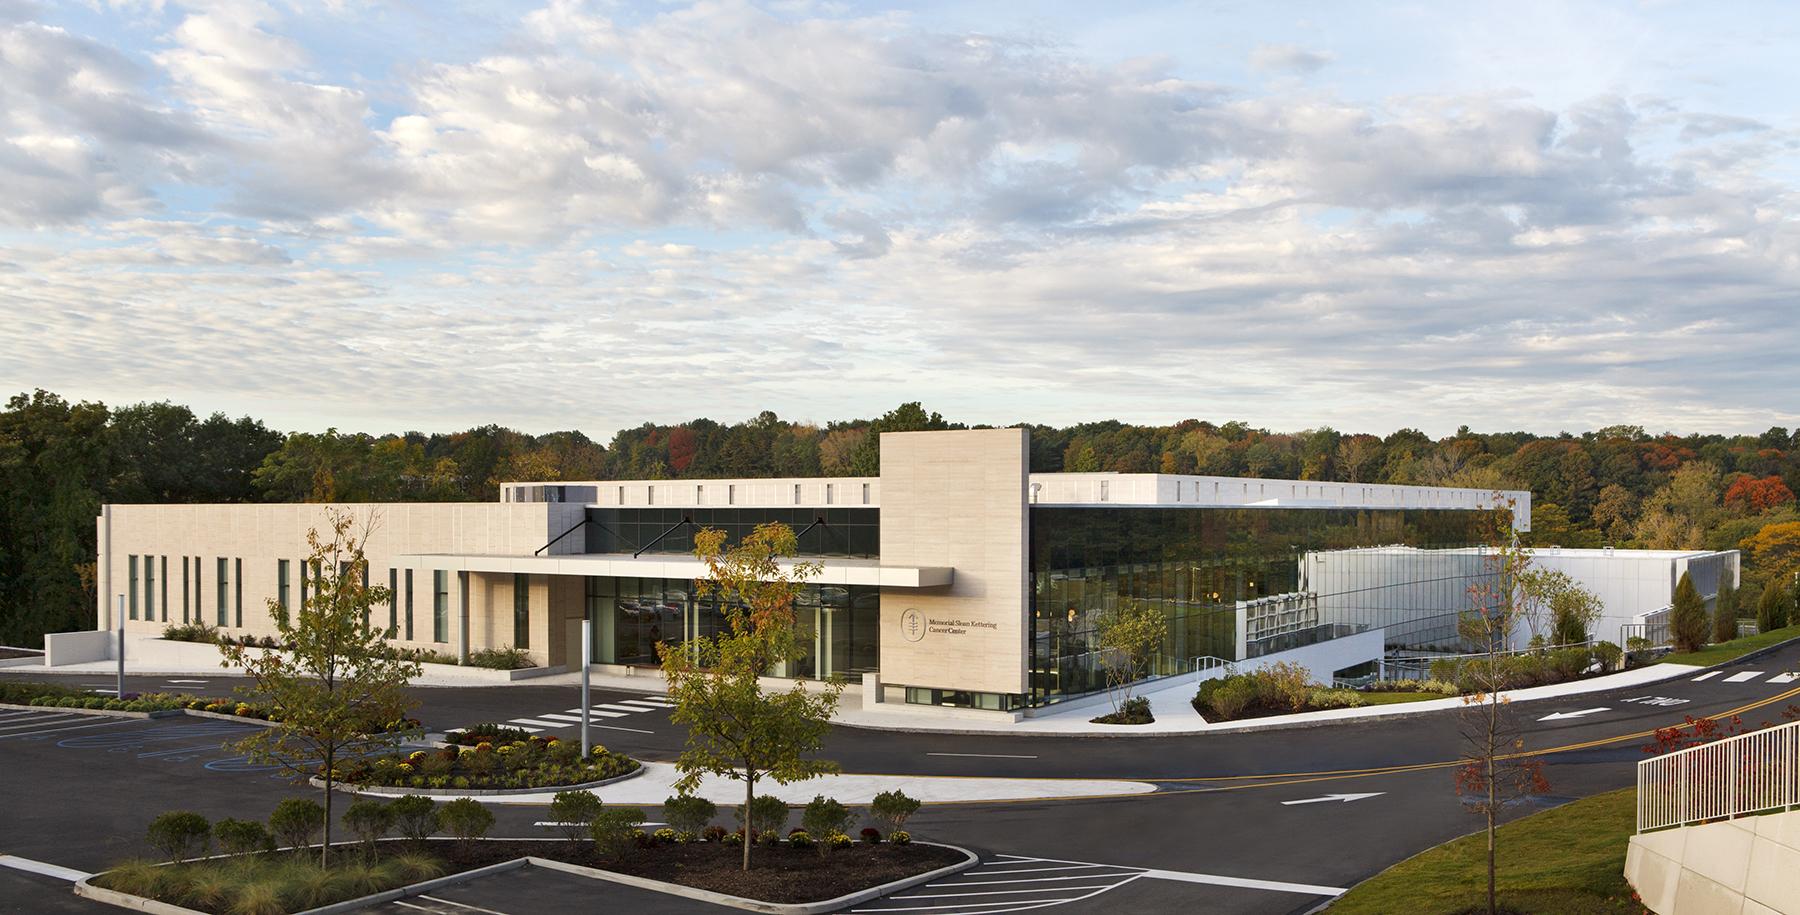 Memorial Harrison Center